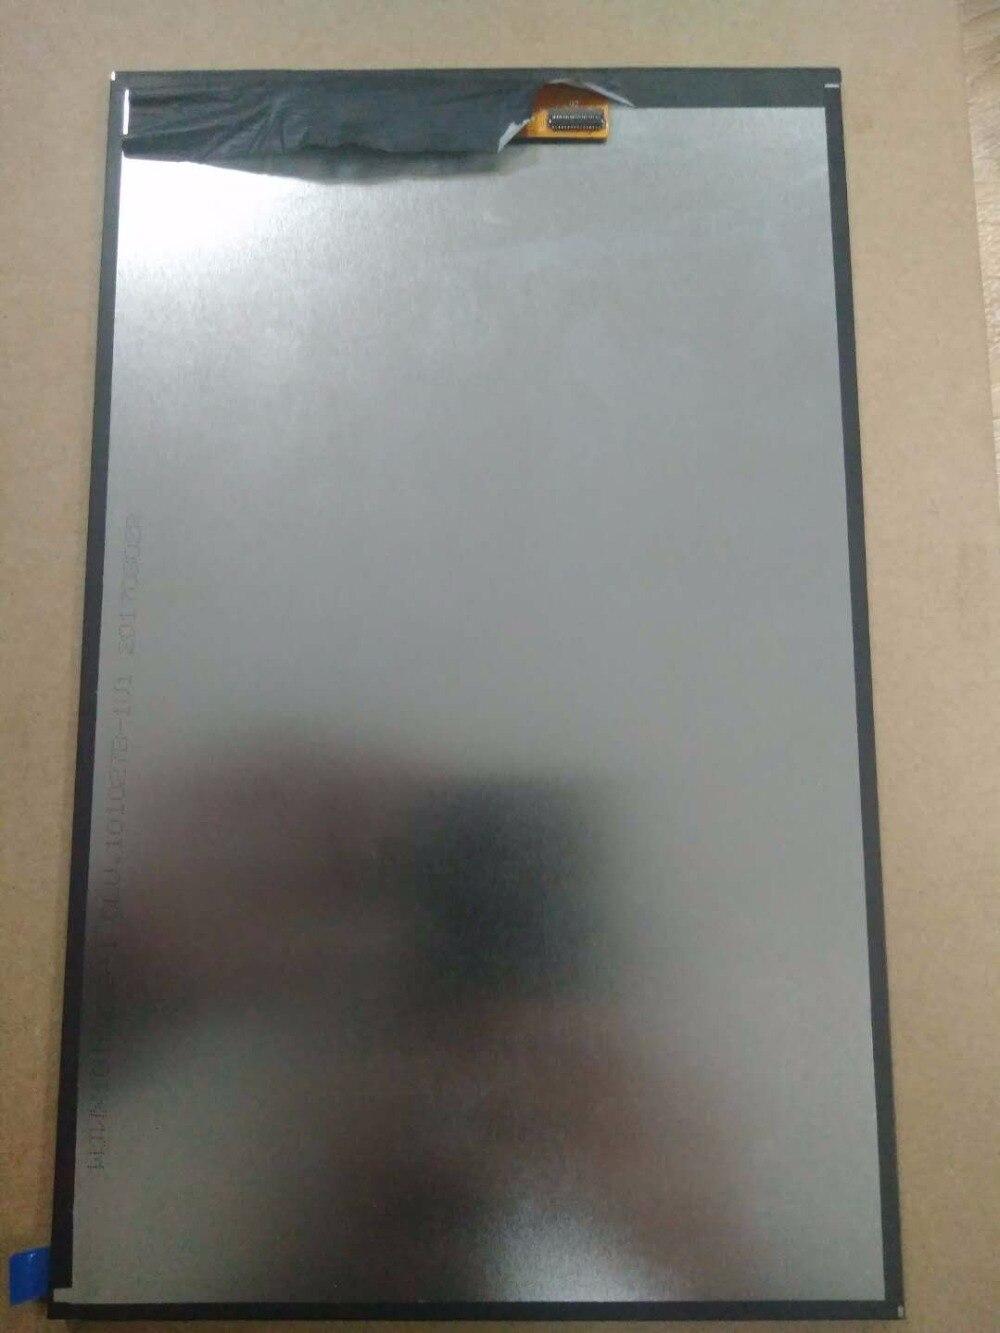 10.1 pouces LCD Écran lcd d'affichage matrice Pour FPCA.101027BV1 FPCA-101027BV1